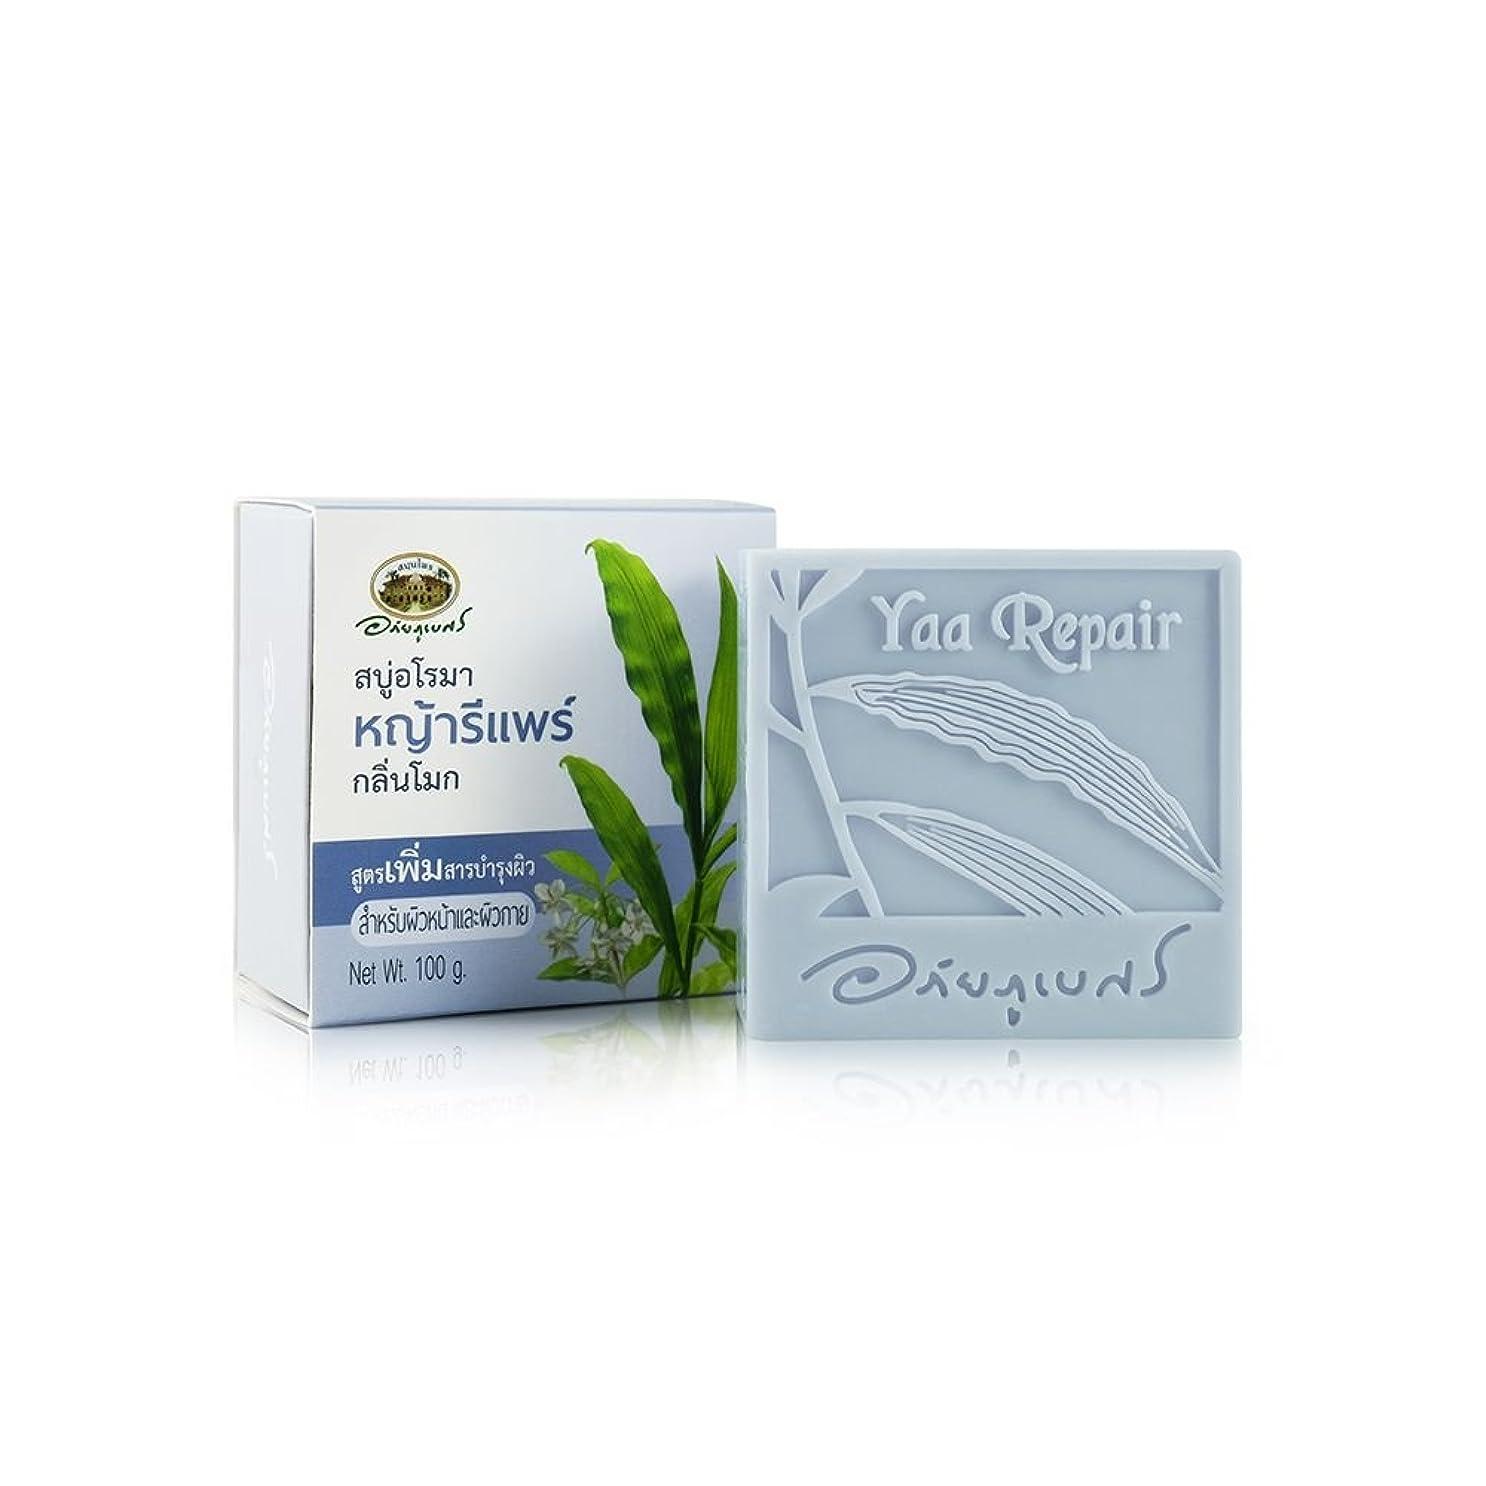 なぜなら素晴らしい良い多くの冒険者Abhaibhubejhr Thai Aromatherapy With Moke Flower Skin Care Formula Herbal Body Face Cleaning Soap 100g. Abhaibhubejhrタイのアロマテラピーとモックフラワースキンケアフォーミュラハーバルボディフェイスクリーニングソープ100g。